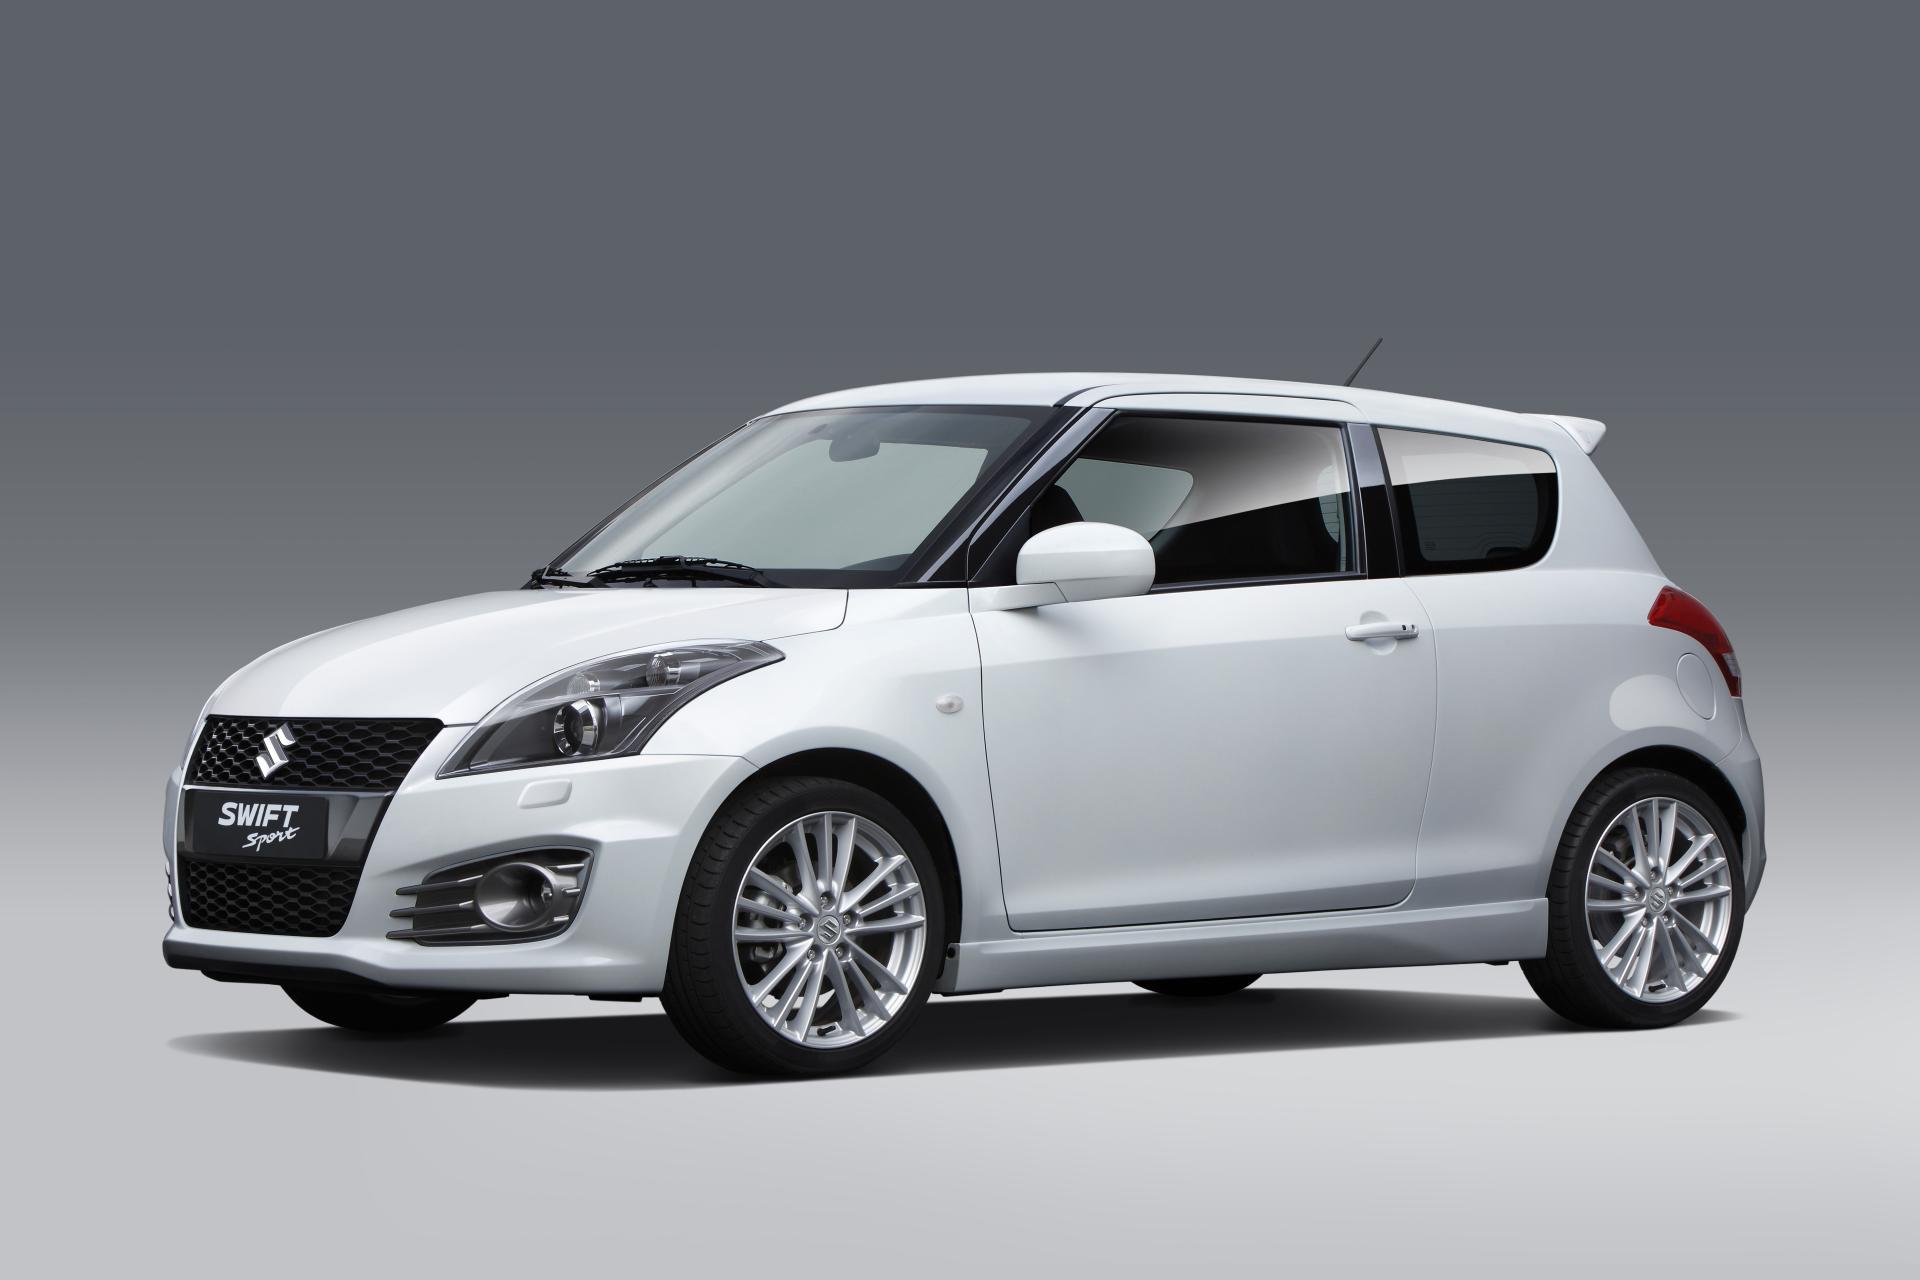 2012 Suzuki Swift Sport News And Information